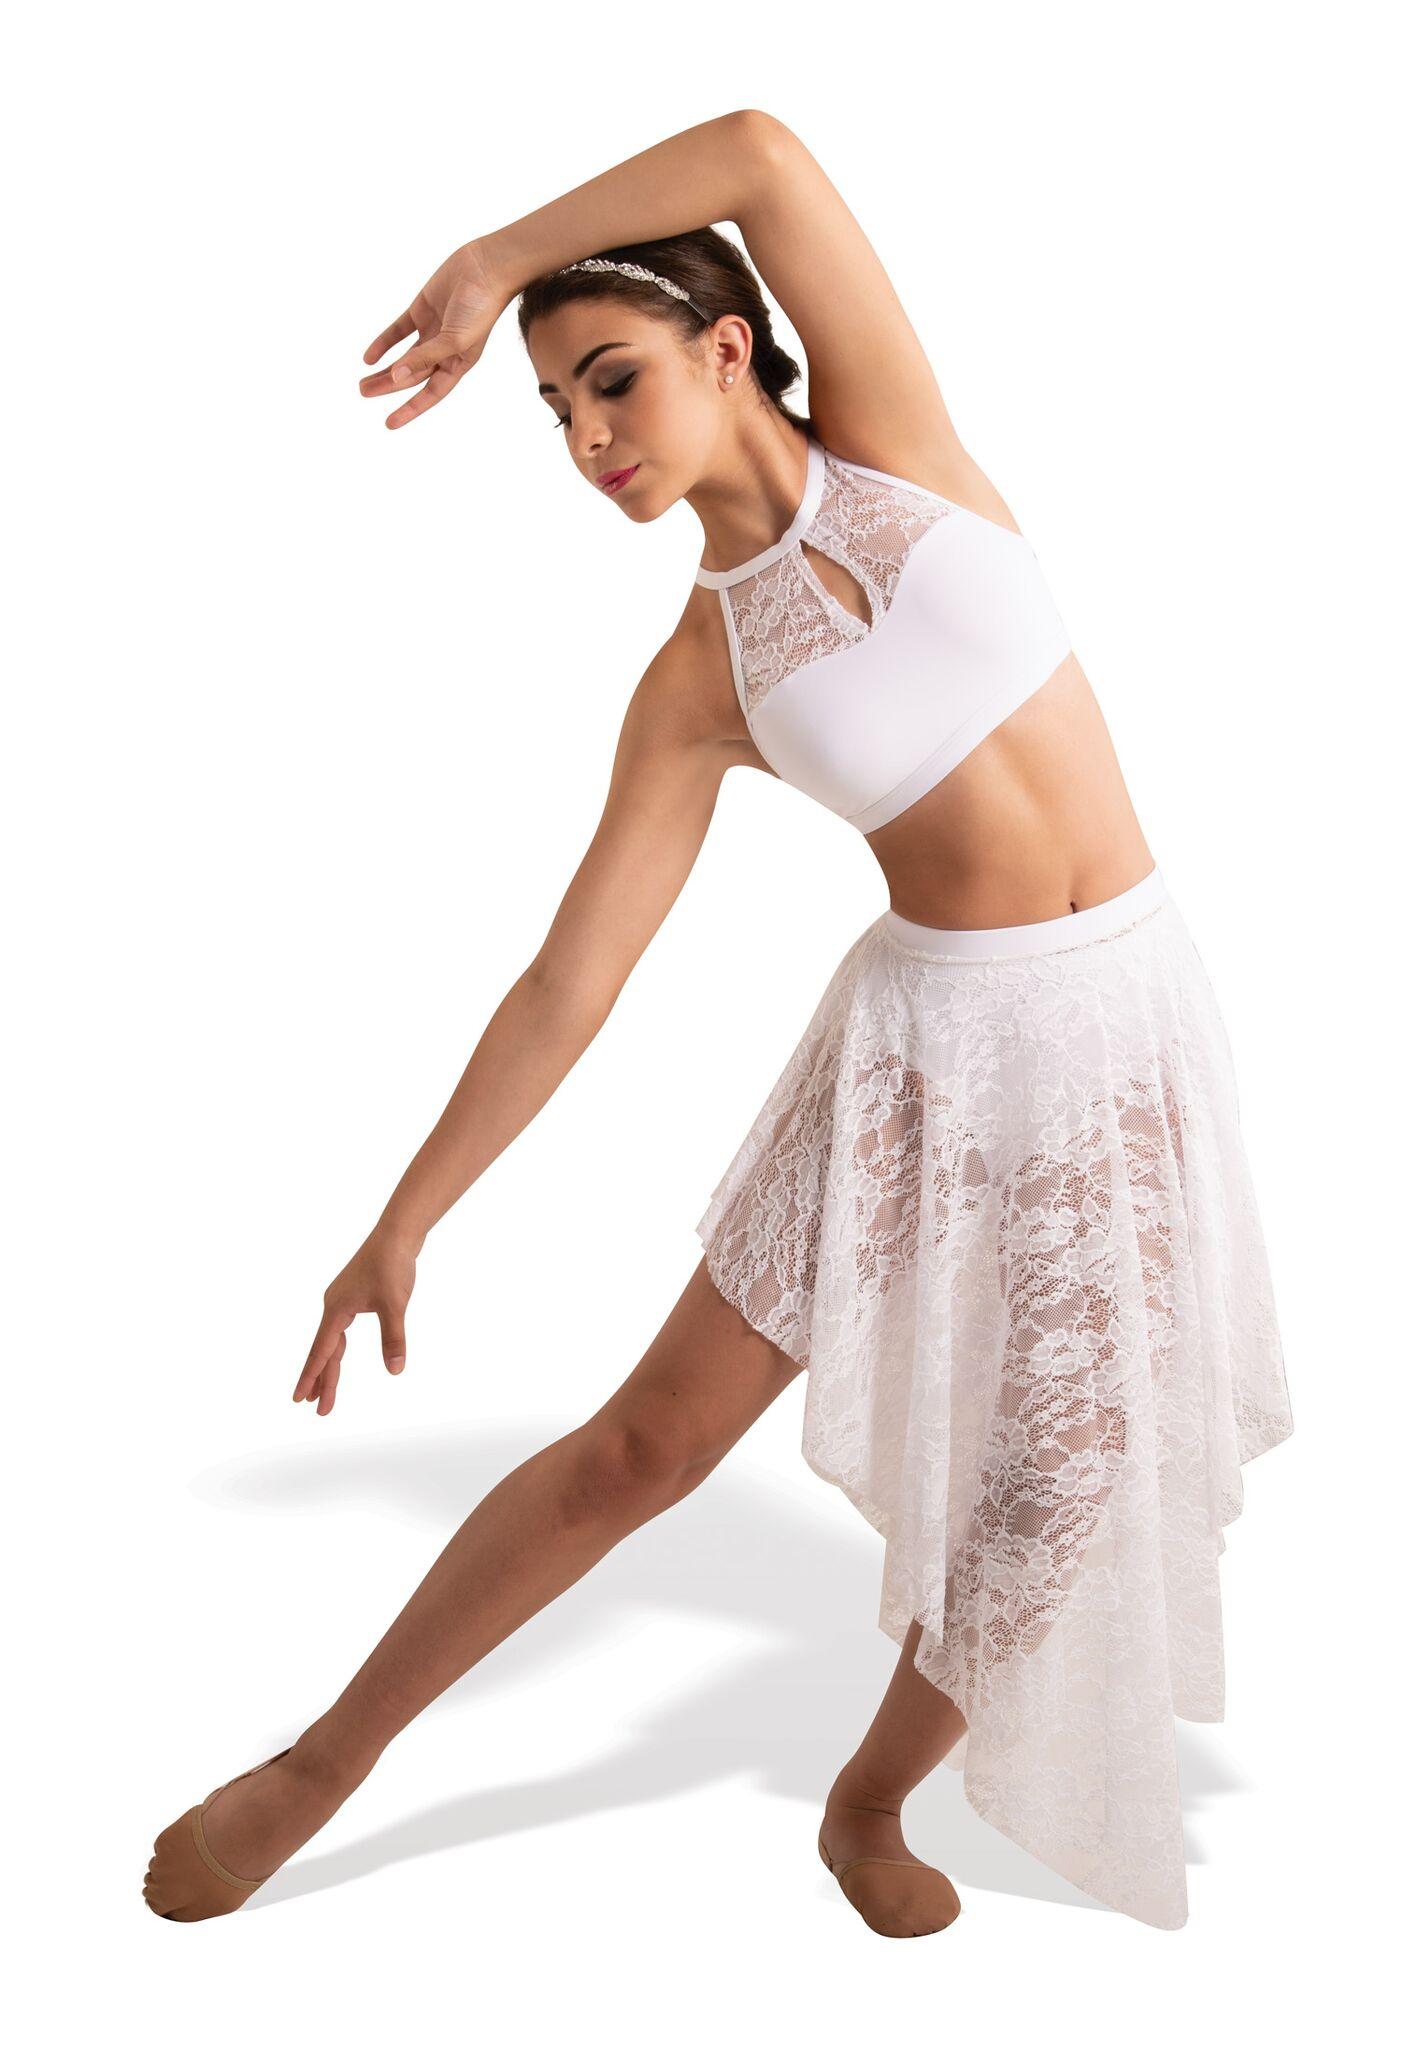 0716082bec424 Ballet Costumes | Dance Leotards | New York Dancewear